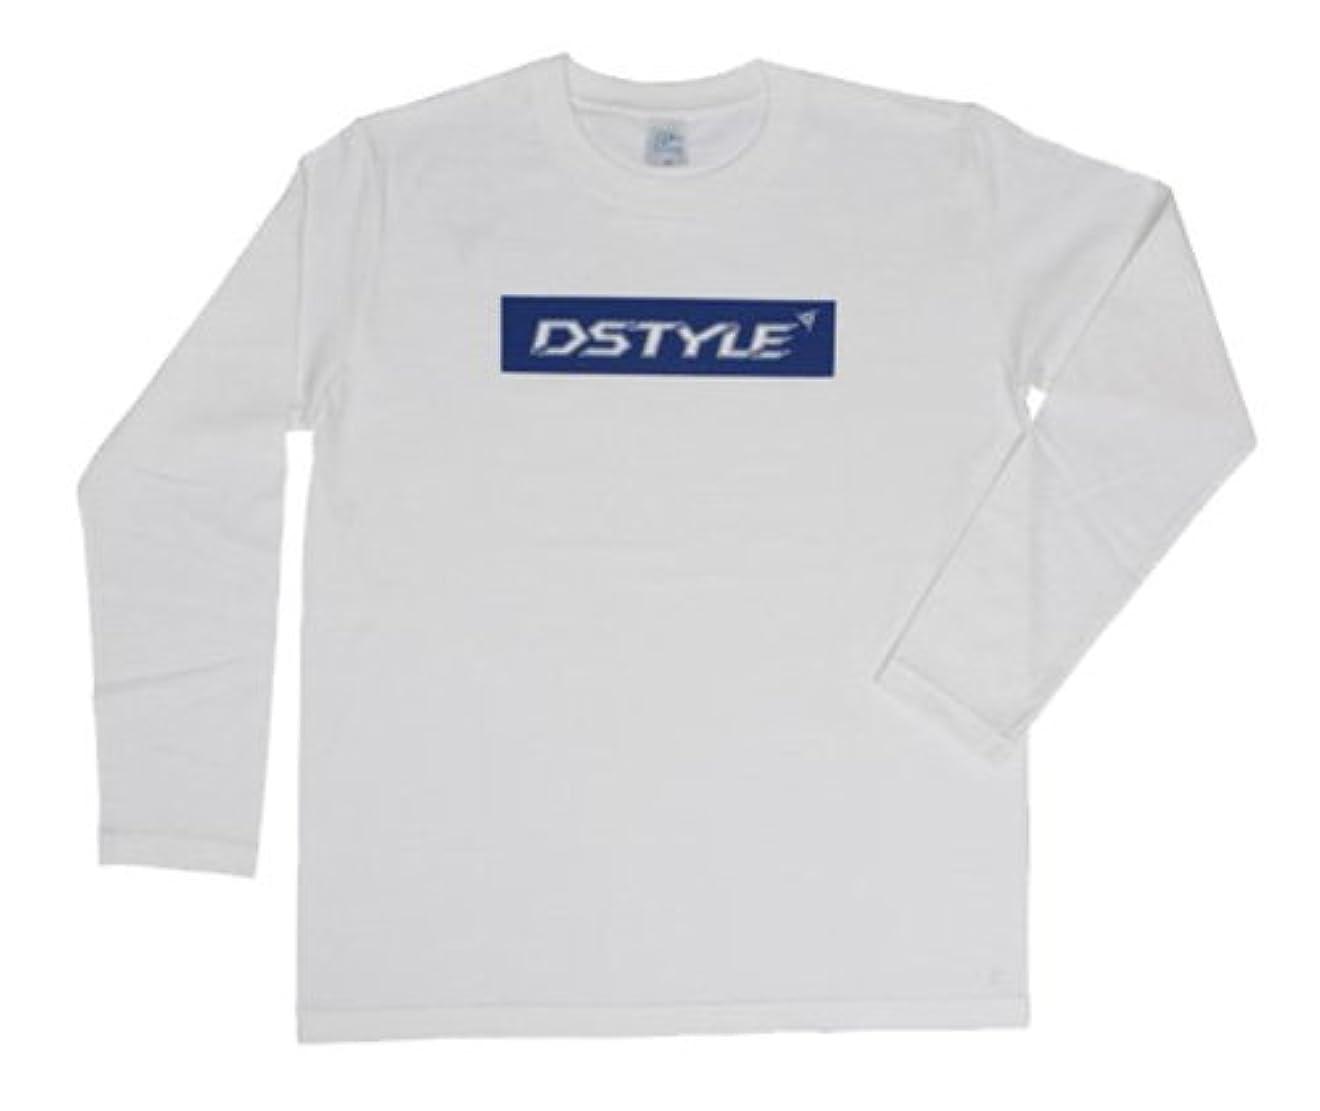 パイプ意外探検DSTYLE(ディスタイル) BOX ロゴ ロングTシャツ WHITE M.